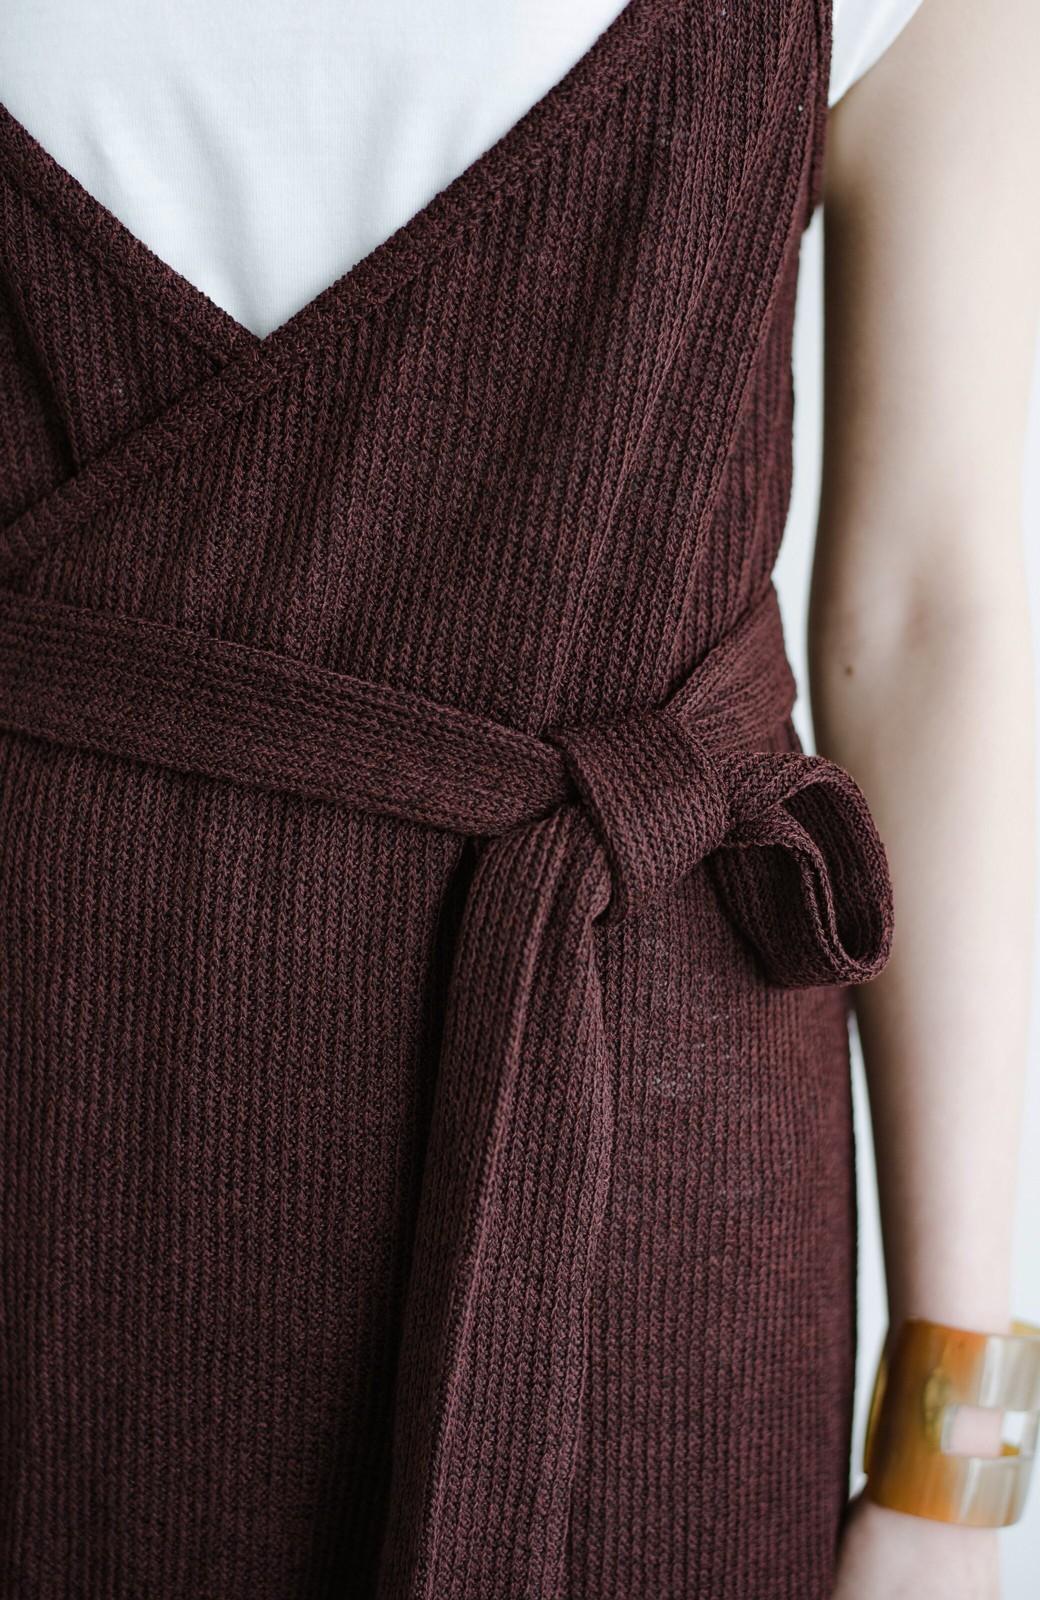 haco! 合わせて着るだけで今っぽかわいい シンプルTシャツ&カシュクールキャミワンピースセット <ダークブラウン>の商品写真5